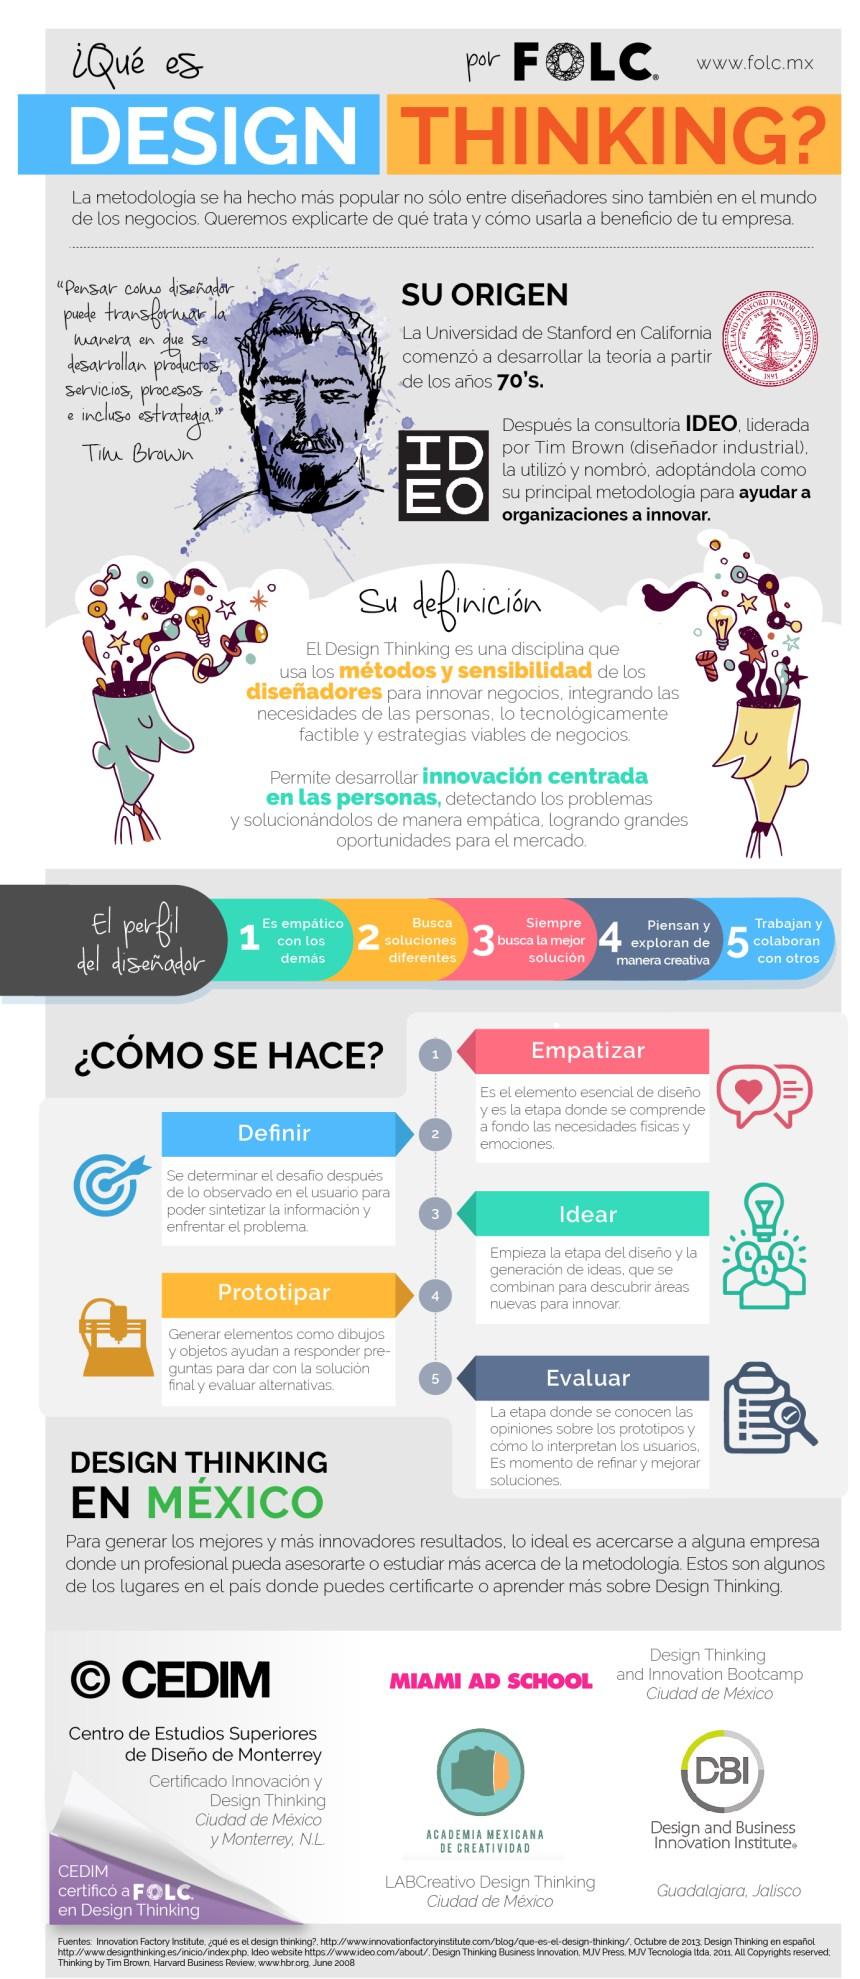 Qué es Design Thinking #infografia #infographic